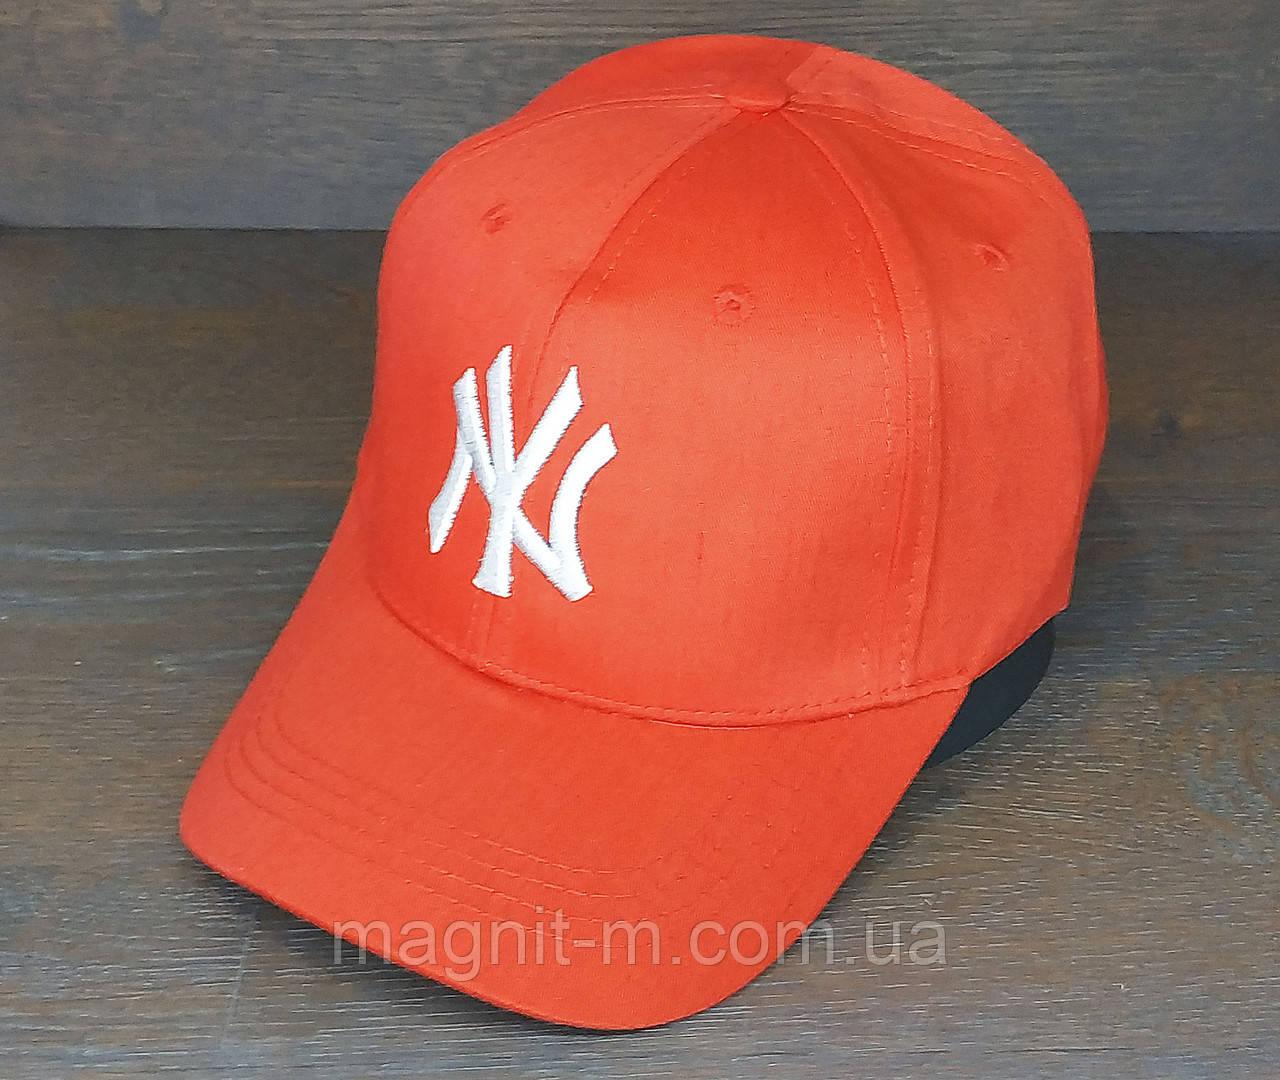 """Бейсболка """"Янкис"""". Красный цвет. Застежка-липучка. (Розница)"""